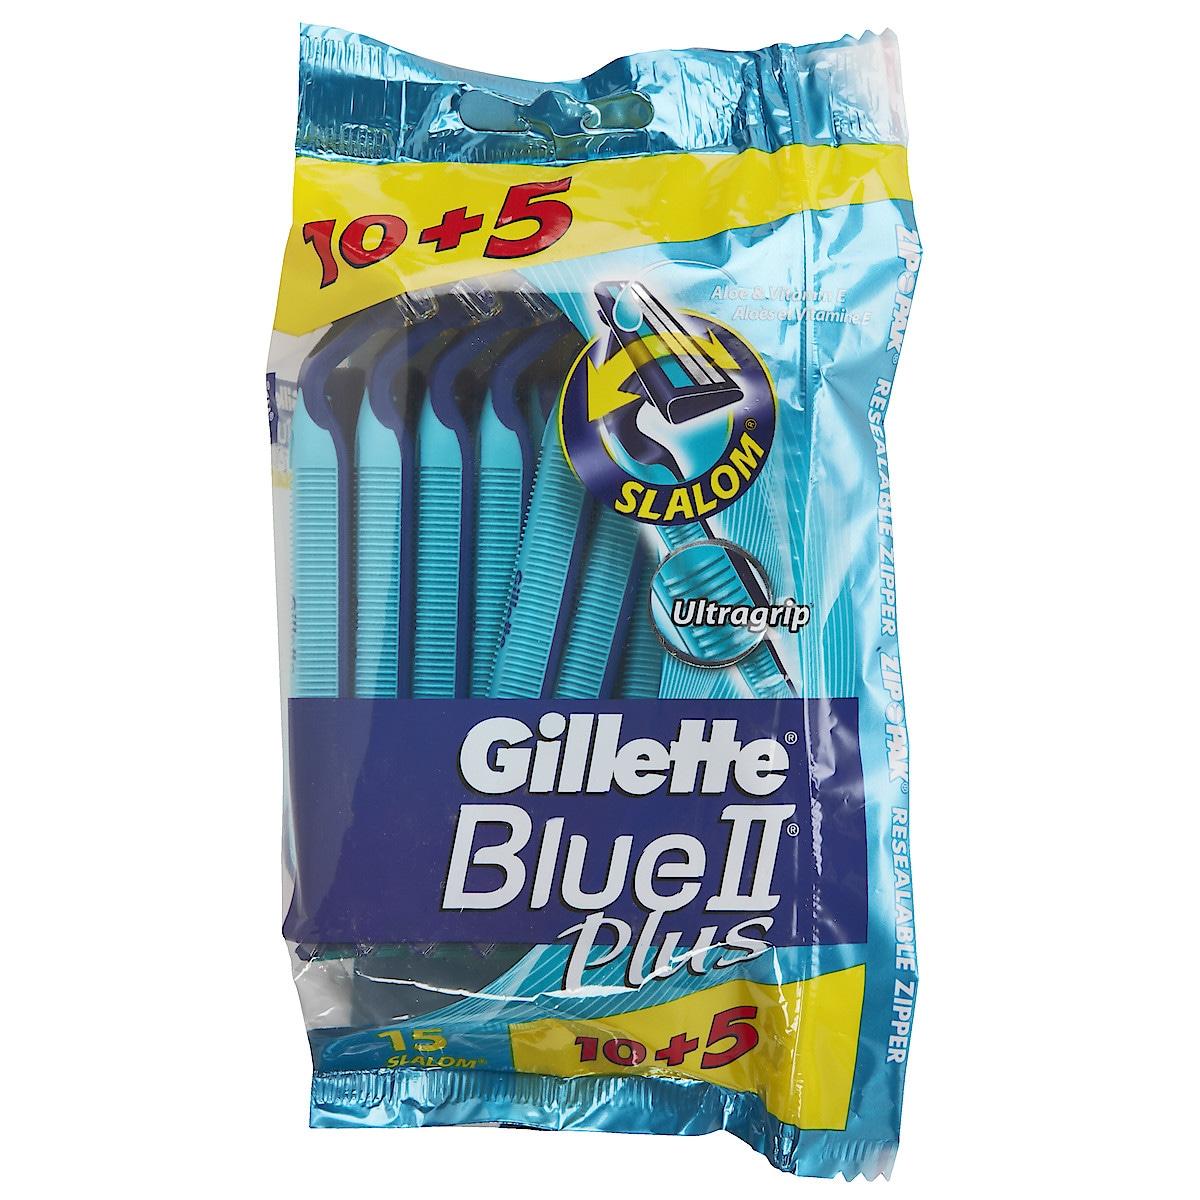 Kertakäyttöhöylä Gillette Blue II Plus Slalom